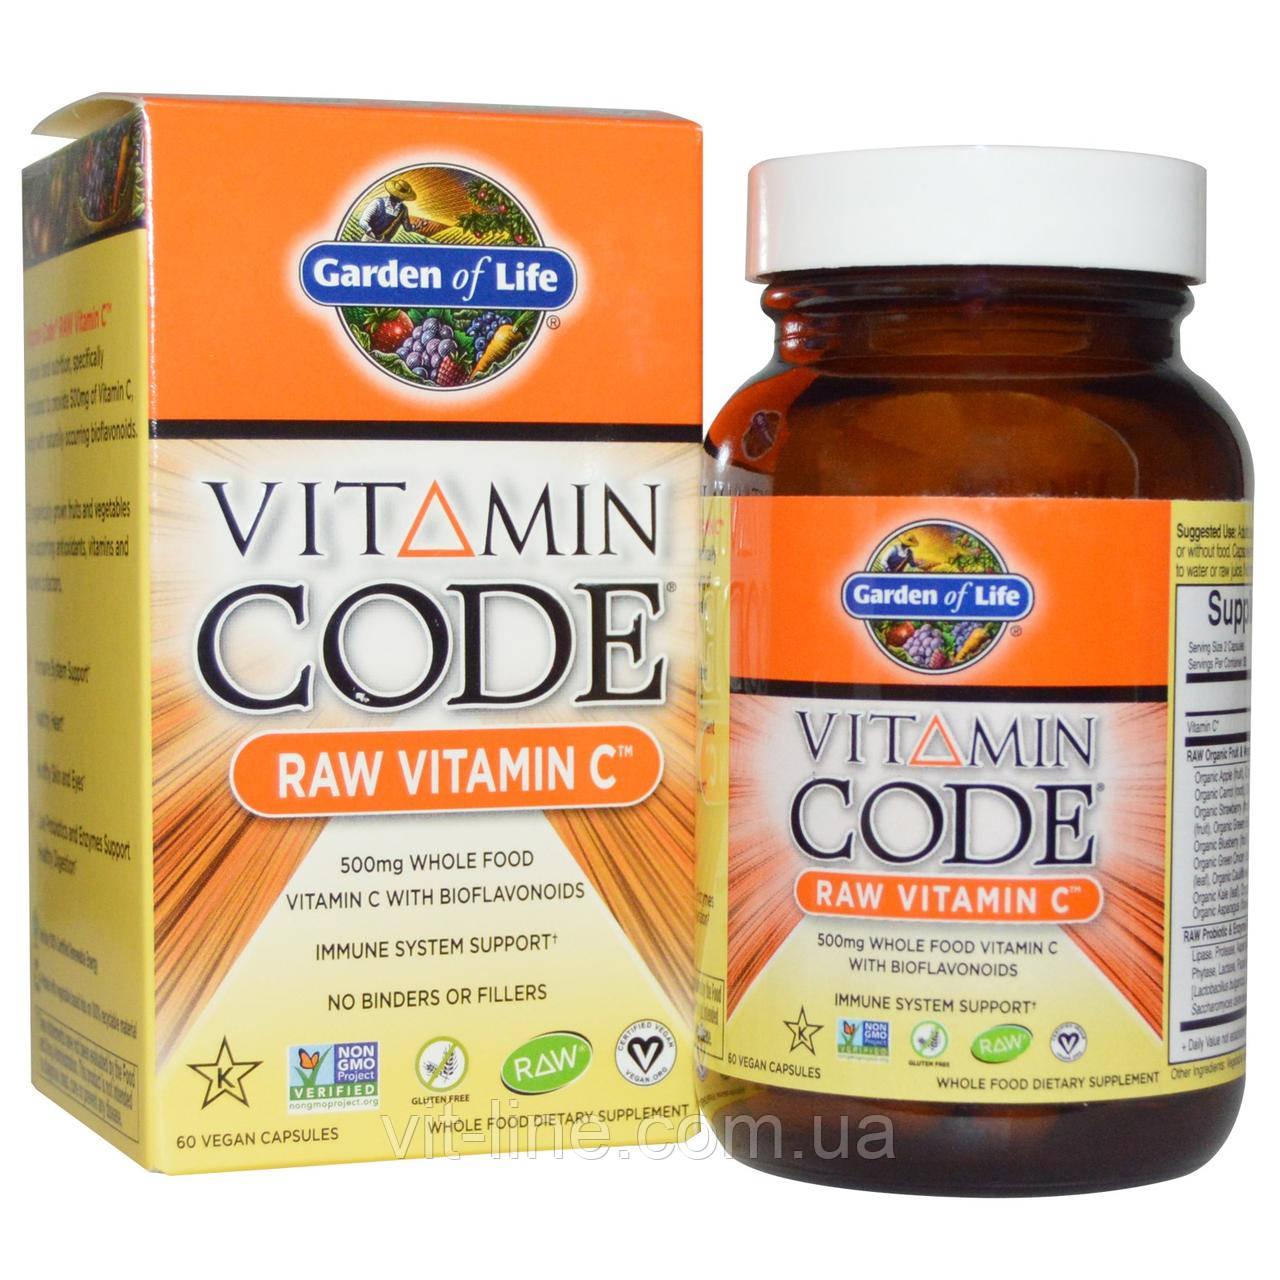 Garden of Life, Vitamin Code, витамин С из сырых продуктов, 60 веганских капсул